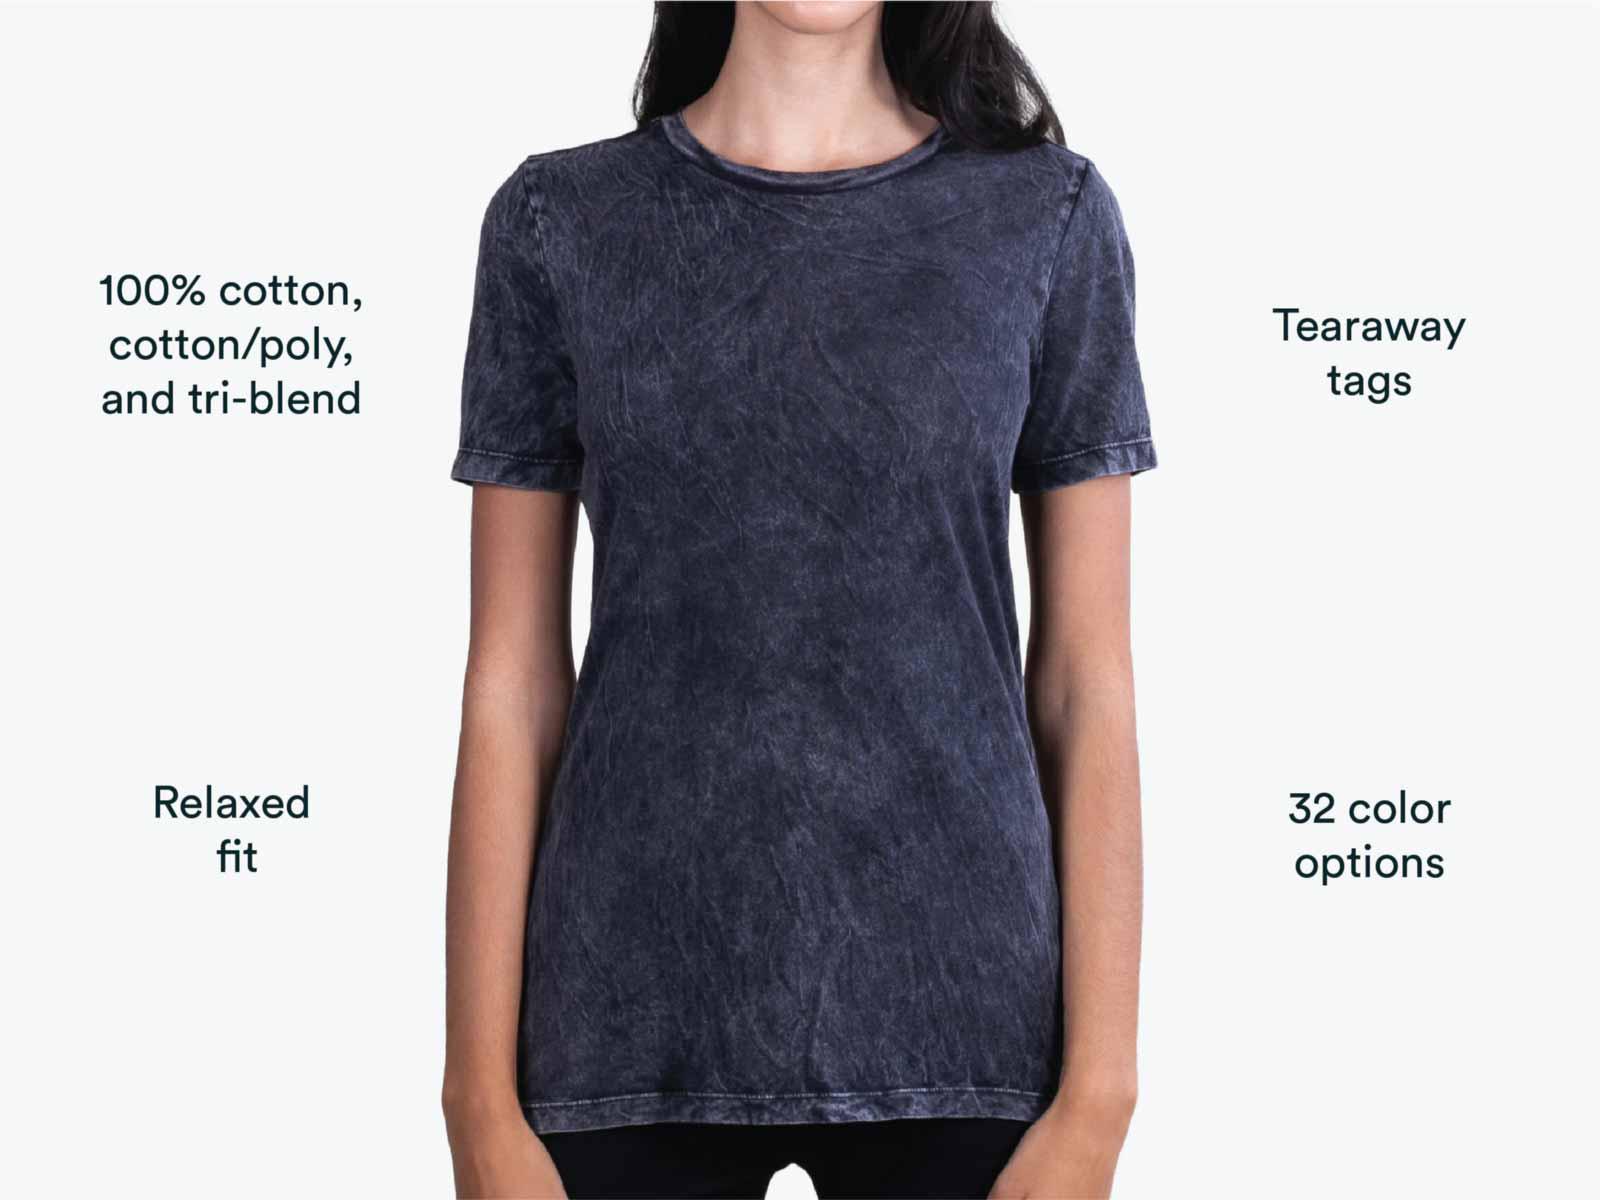 girl wearing black acid wash shirt